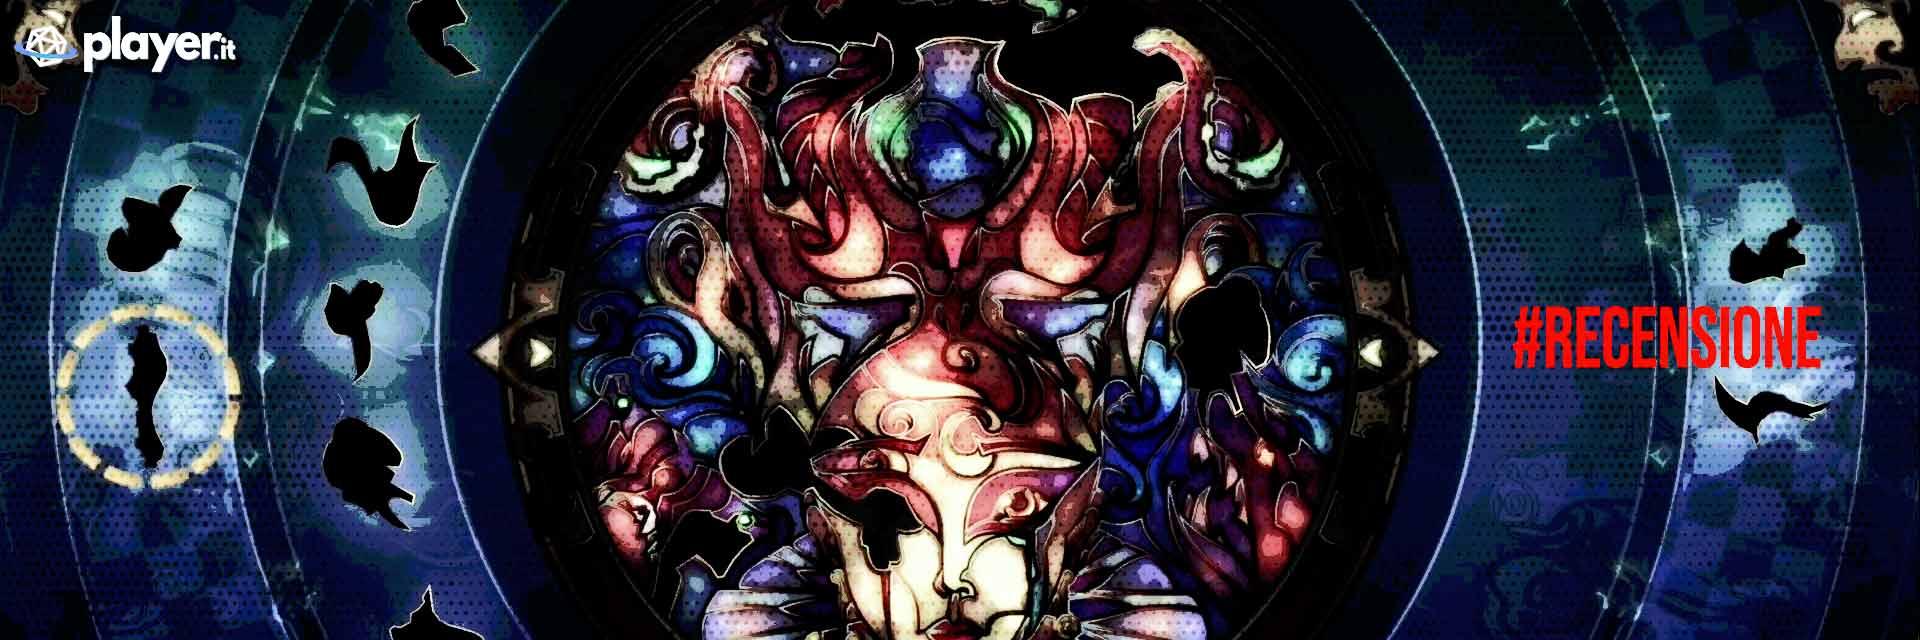 Glass Masquerade 2 recensione